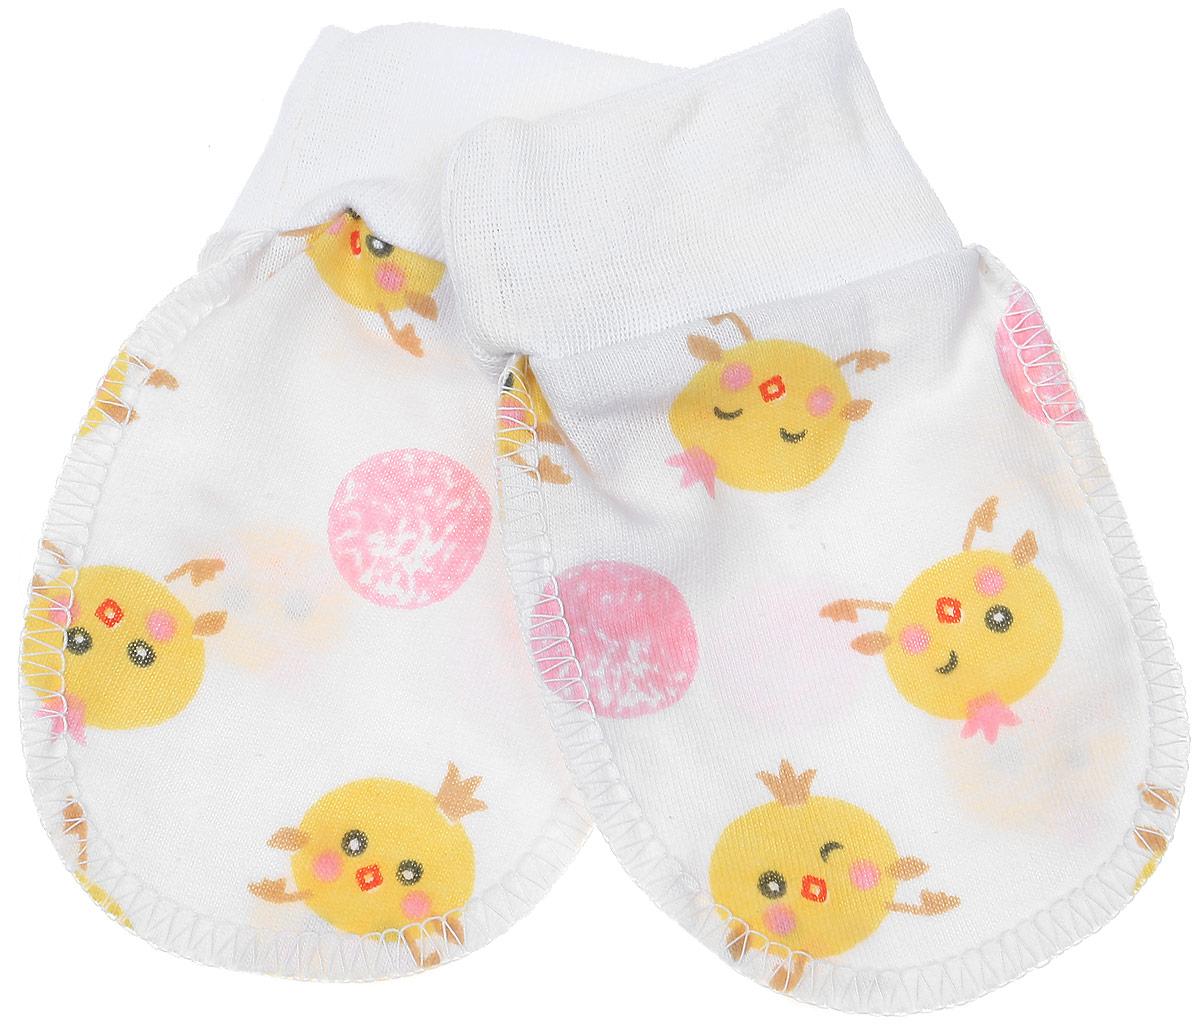 Рукавички Чудесные одежки, цвет: белый, розовый, желтый. 5906. Размер 625906Рукавички для младенцев Чудесные одежки изготовлены из натурального хлопка. Они не раздражают нежную кожу ребенка. Широкие мягкие резинки не стягивают ручки. Швы выполнены на лицевую сторону.